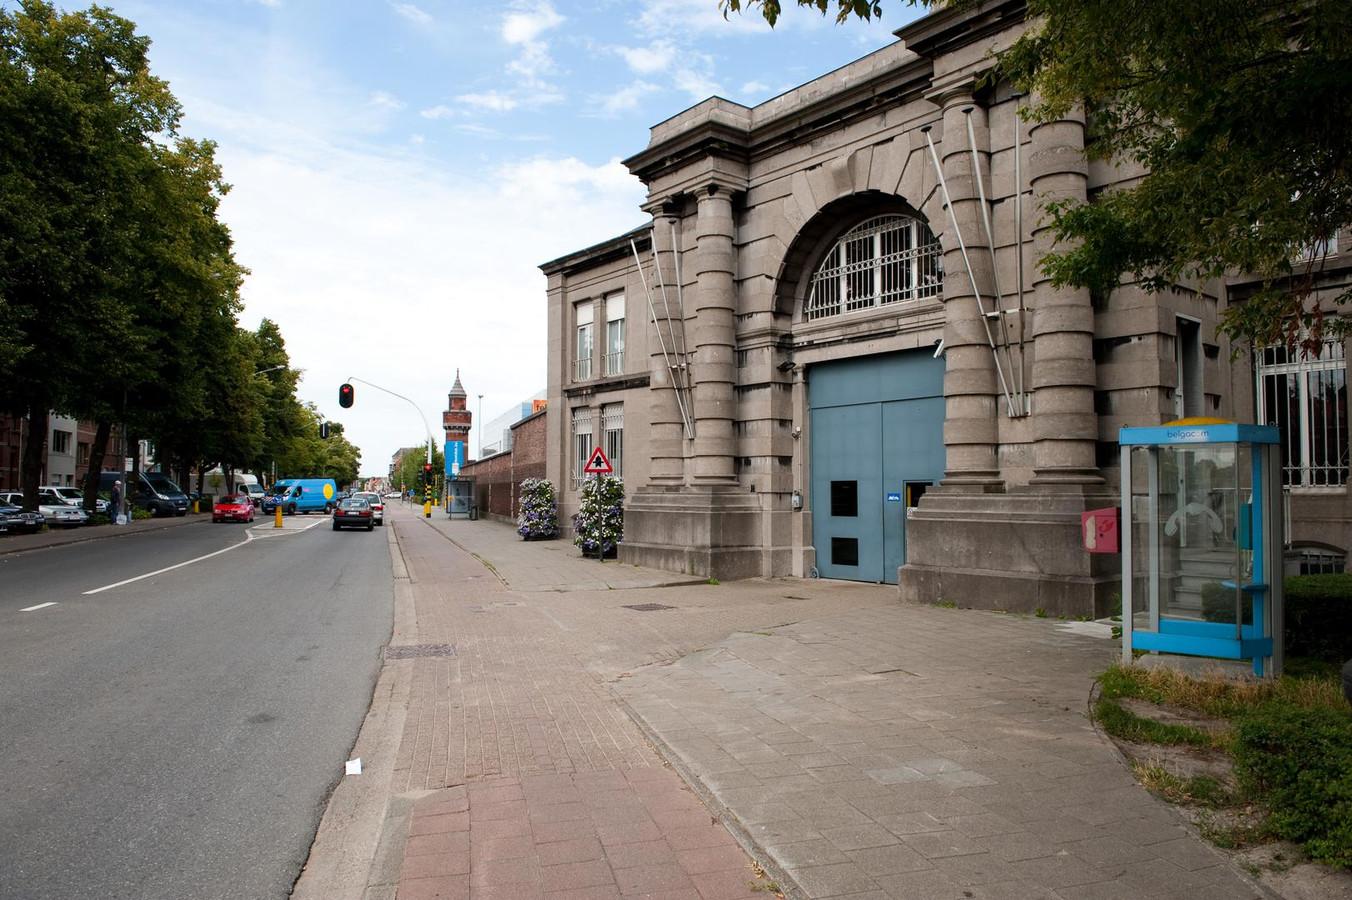 De gevangenis van Mechelen